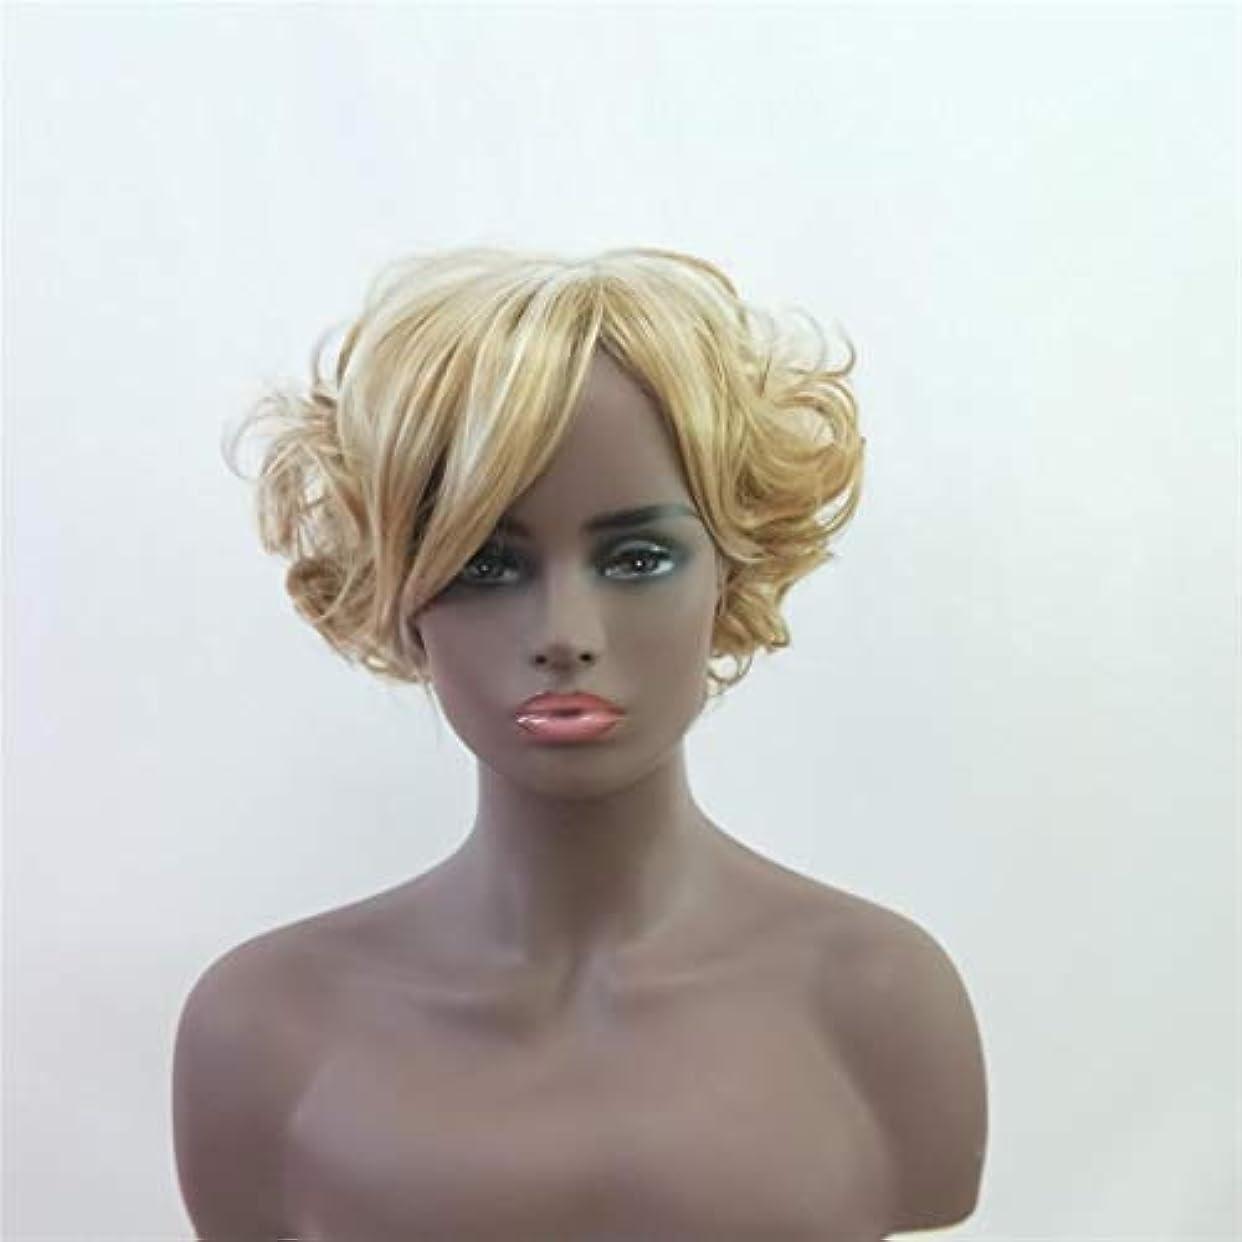 牽引裁量中絶Summerys 女性のための短い巻き毛のかつらかつら前髪付きかつら人工毛髪かつら自然なかつら